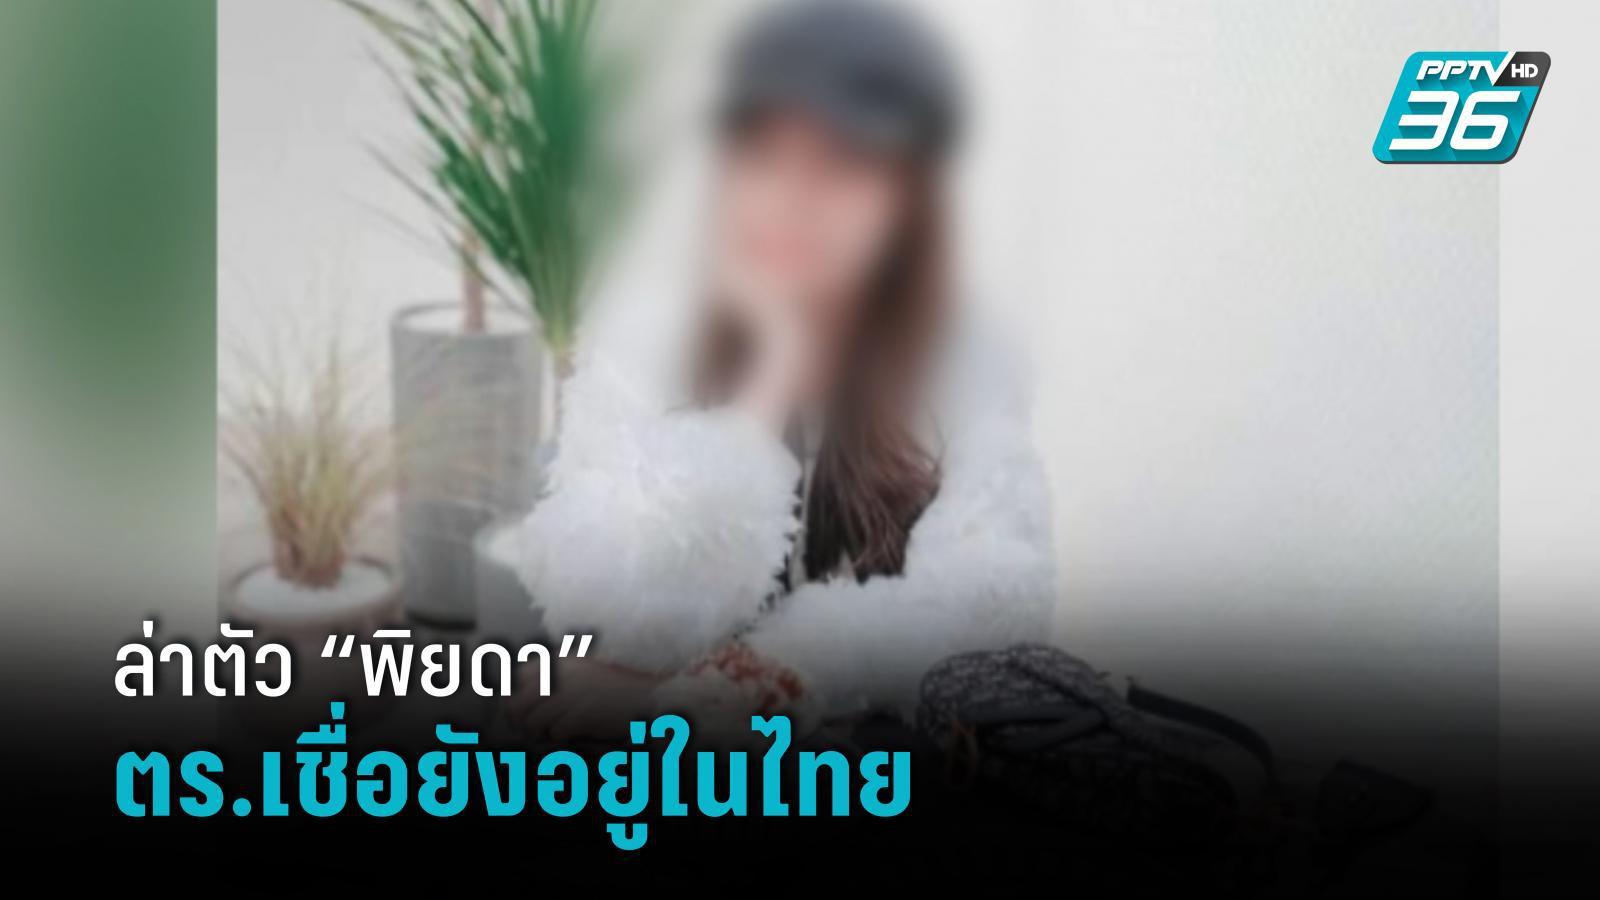 """ตร.กดดันหนัก ล่าตัว """"พิยดา"""" เชื่อยังอยู่ไทย เผยสาเหตุโกงตั้งแต่อายุ 16 แต่ลอยนวล"""